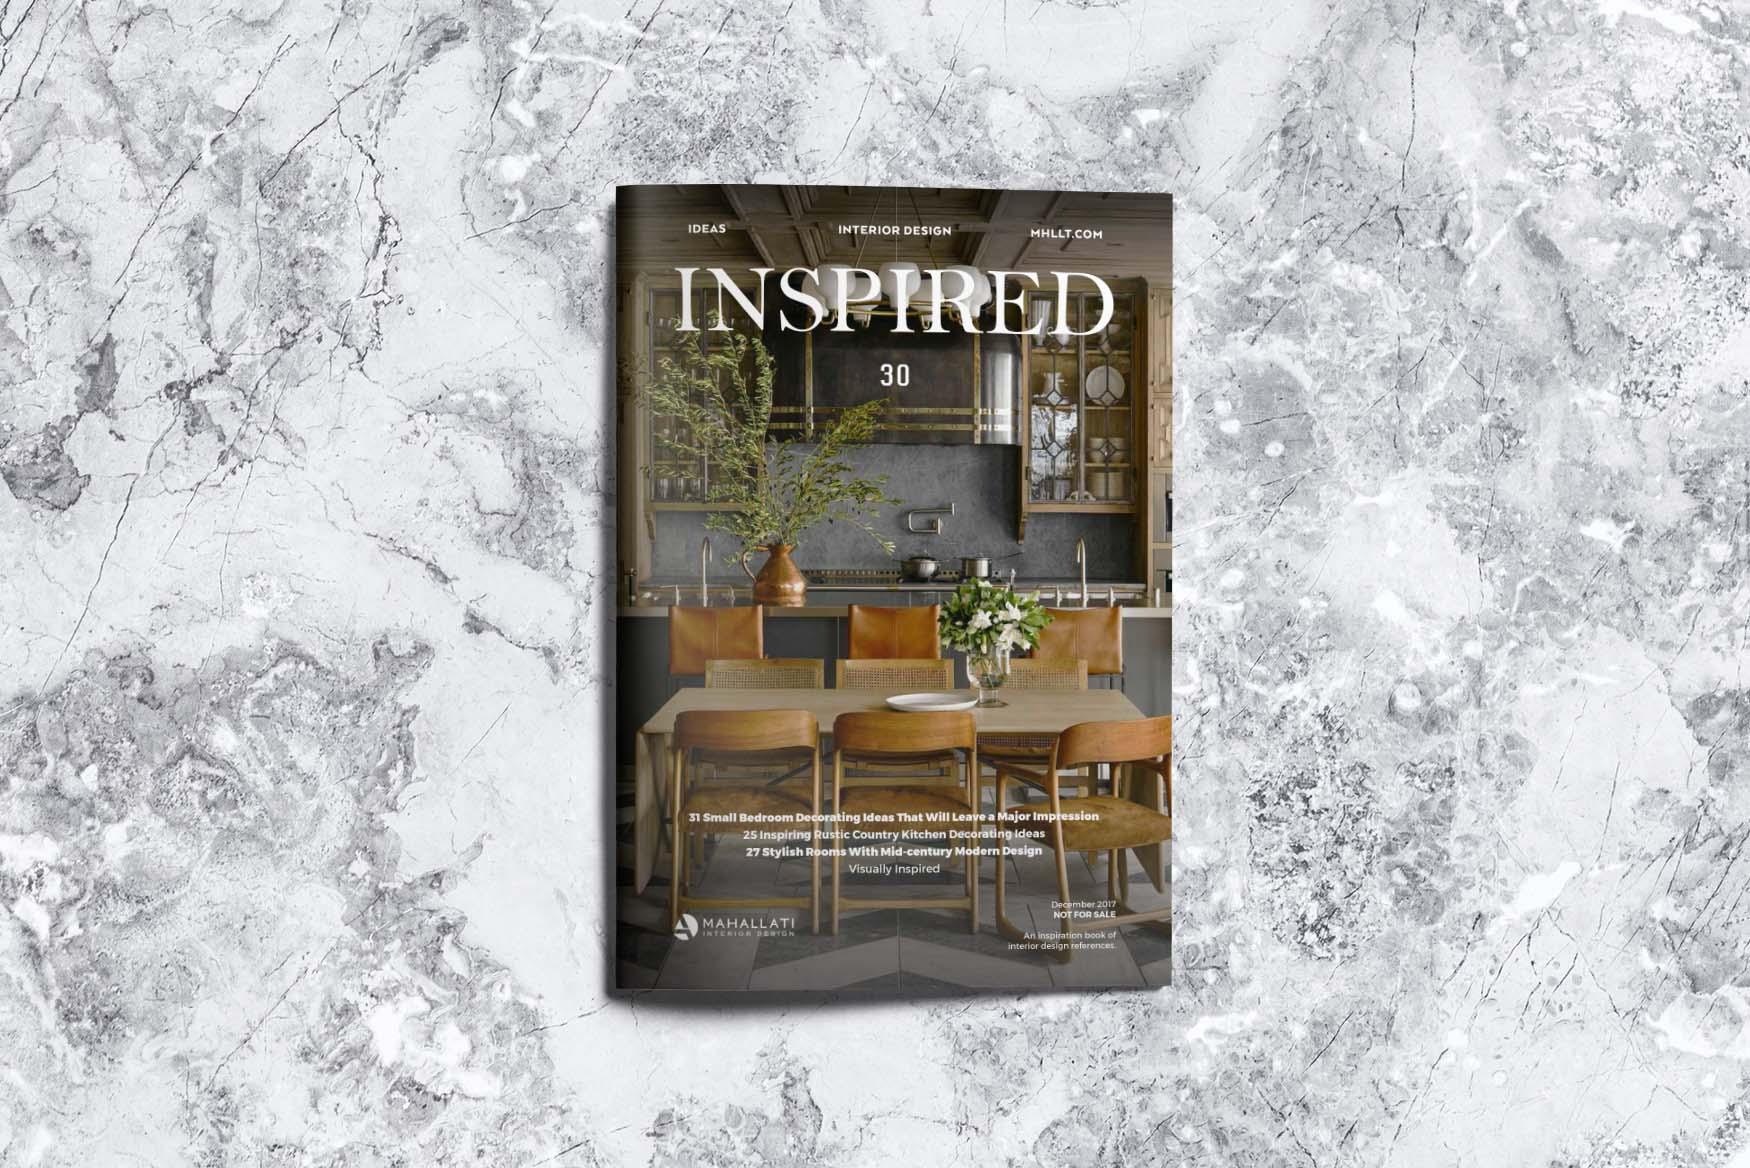 Inspired Vol 30 - December 2017